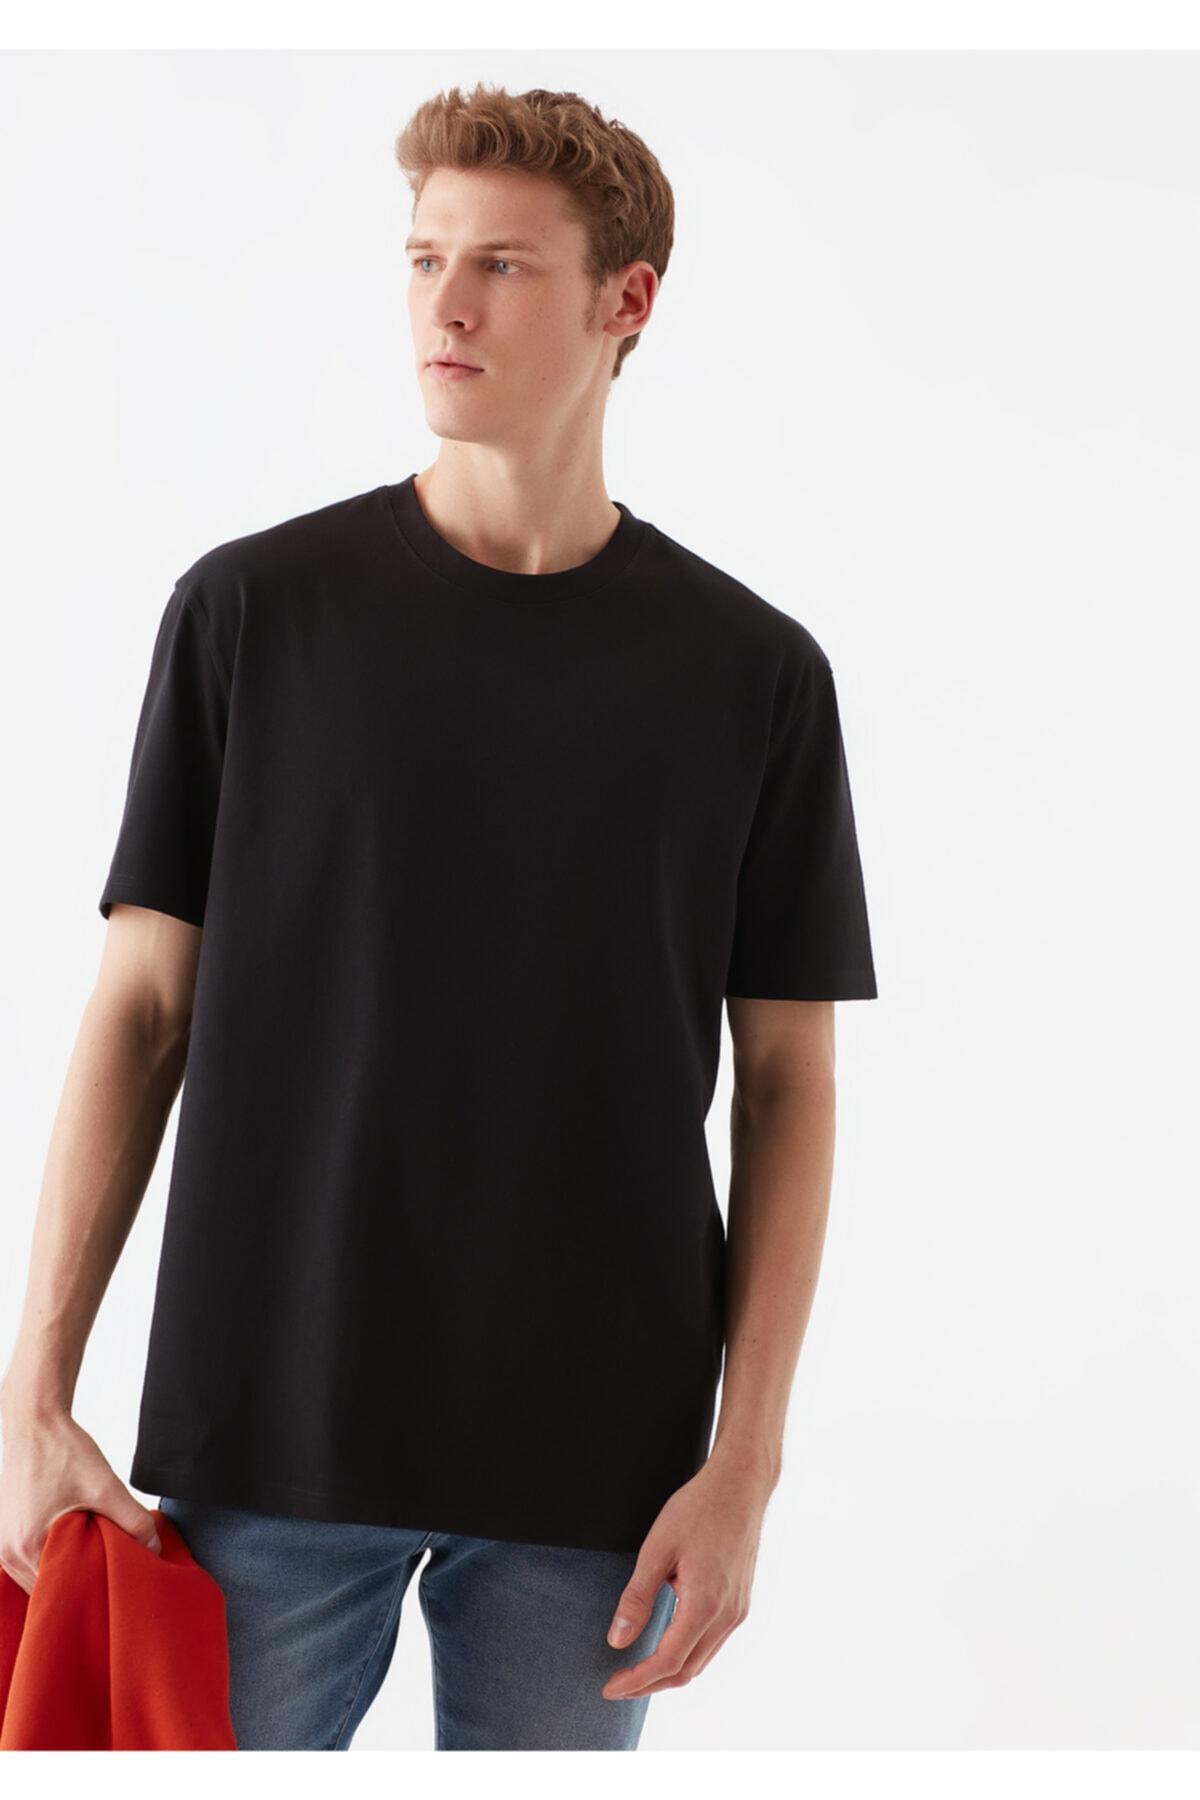 تی شرت مردانه قیمت مناسب برند ماوی رنگ مشکی کد ty36981385